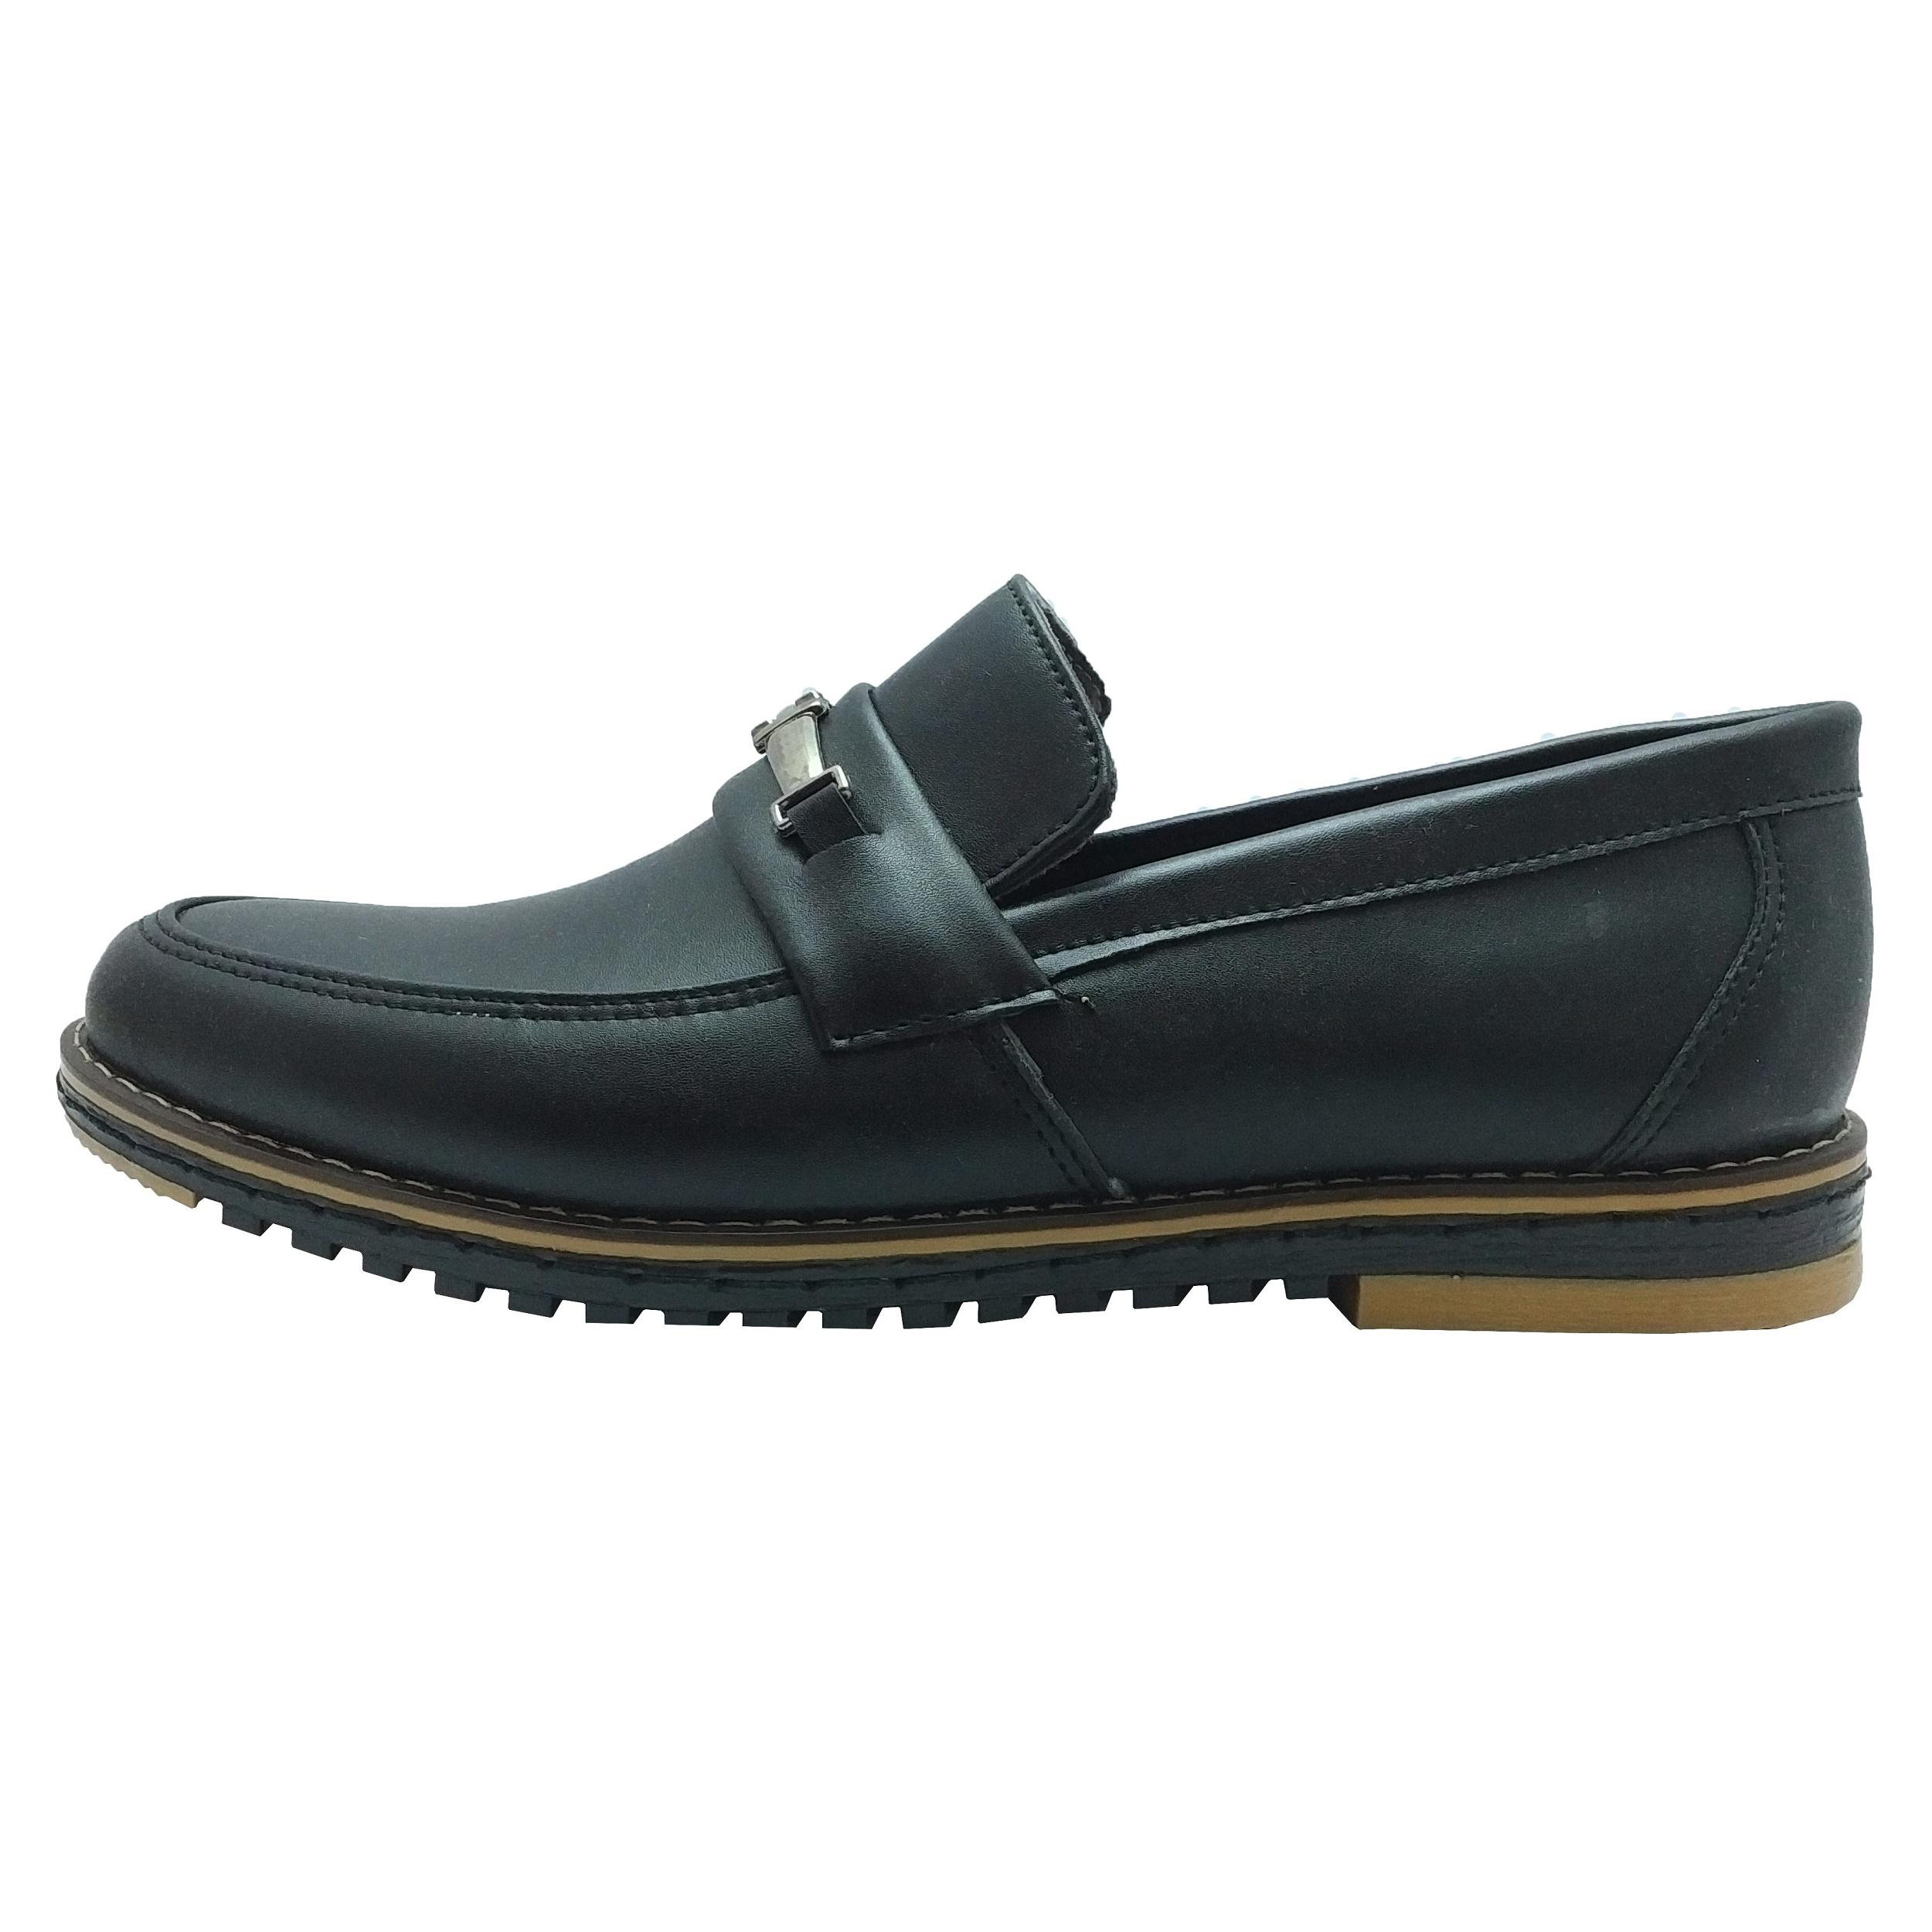 کفش مردانه مدل آسنترا کد AHA21-1